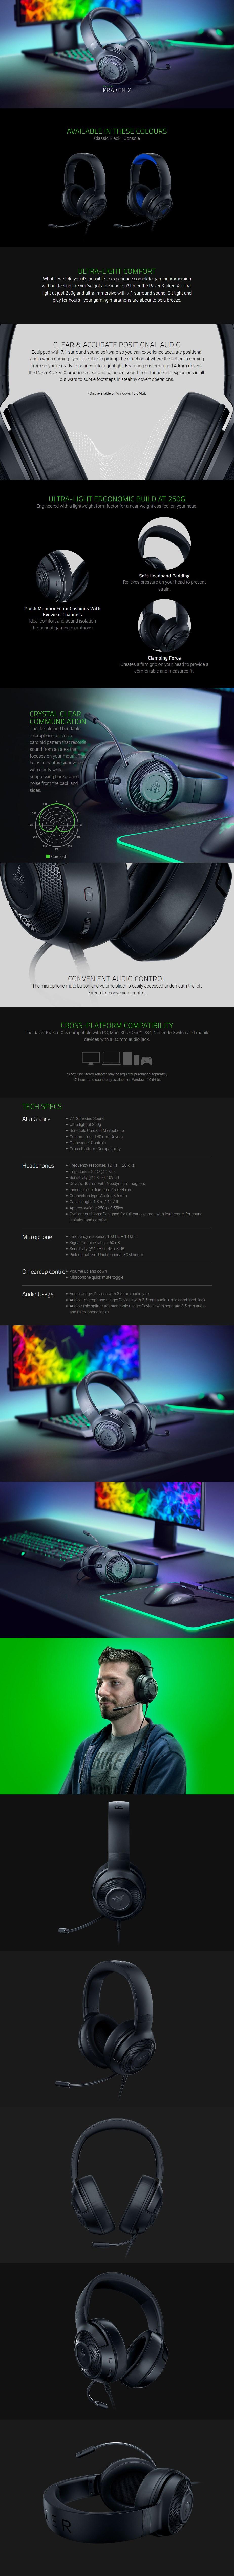 Razer Kraken X 7.1 Surround Sound Gaming Headset - Black - Overview 1